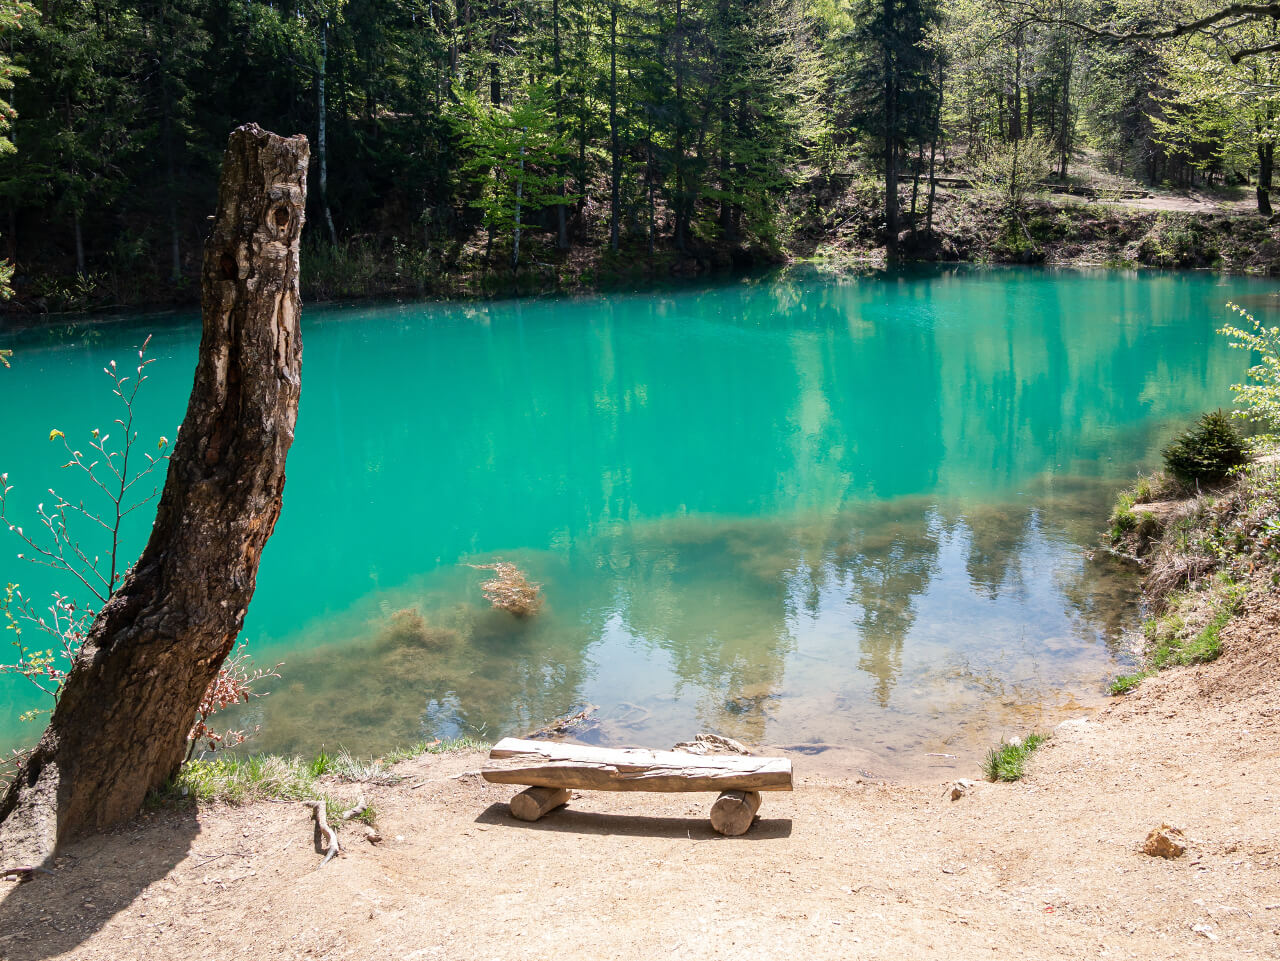 ławka błękitne jeziorko rudawy janowickie kolorowe jeziorka